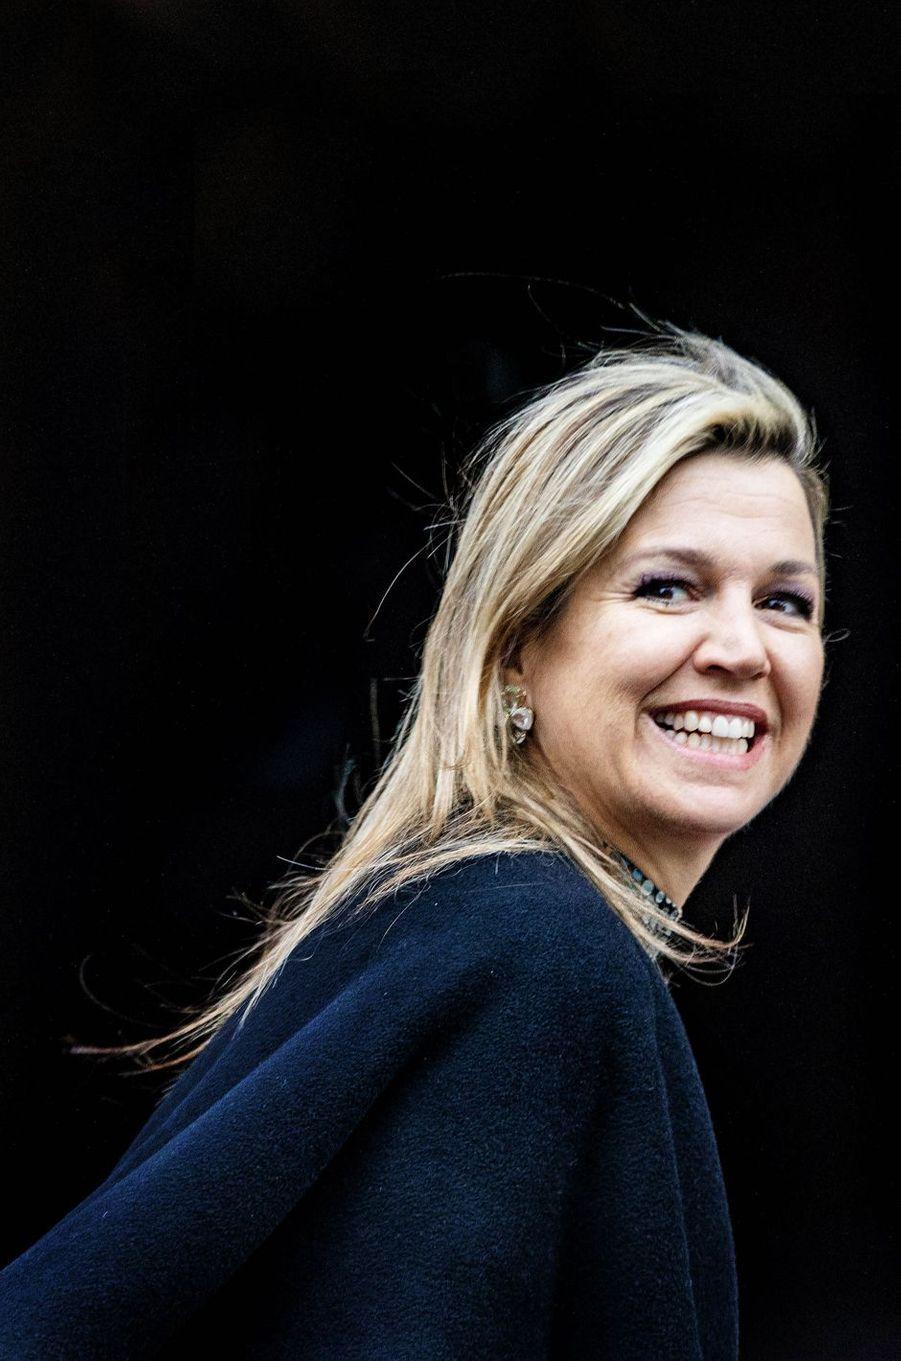 La reine Maxima des Pays-Bas à Amsterdam, le 15 janvier 2019